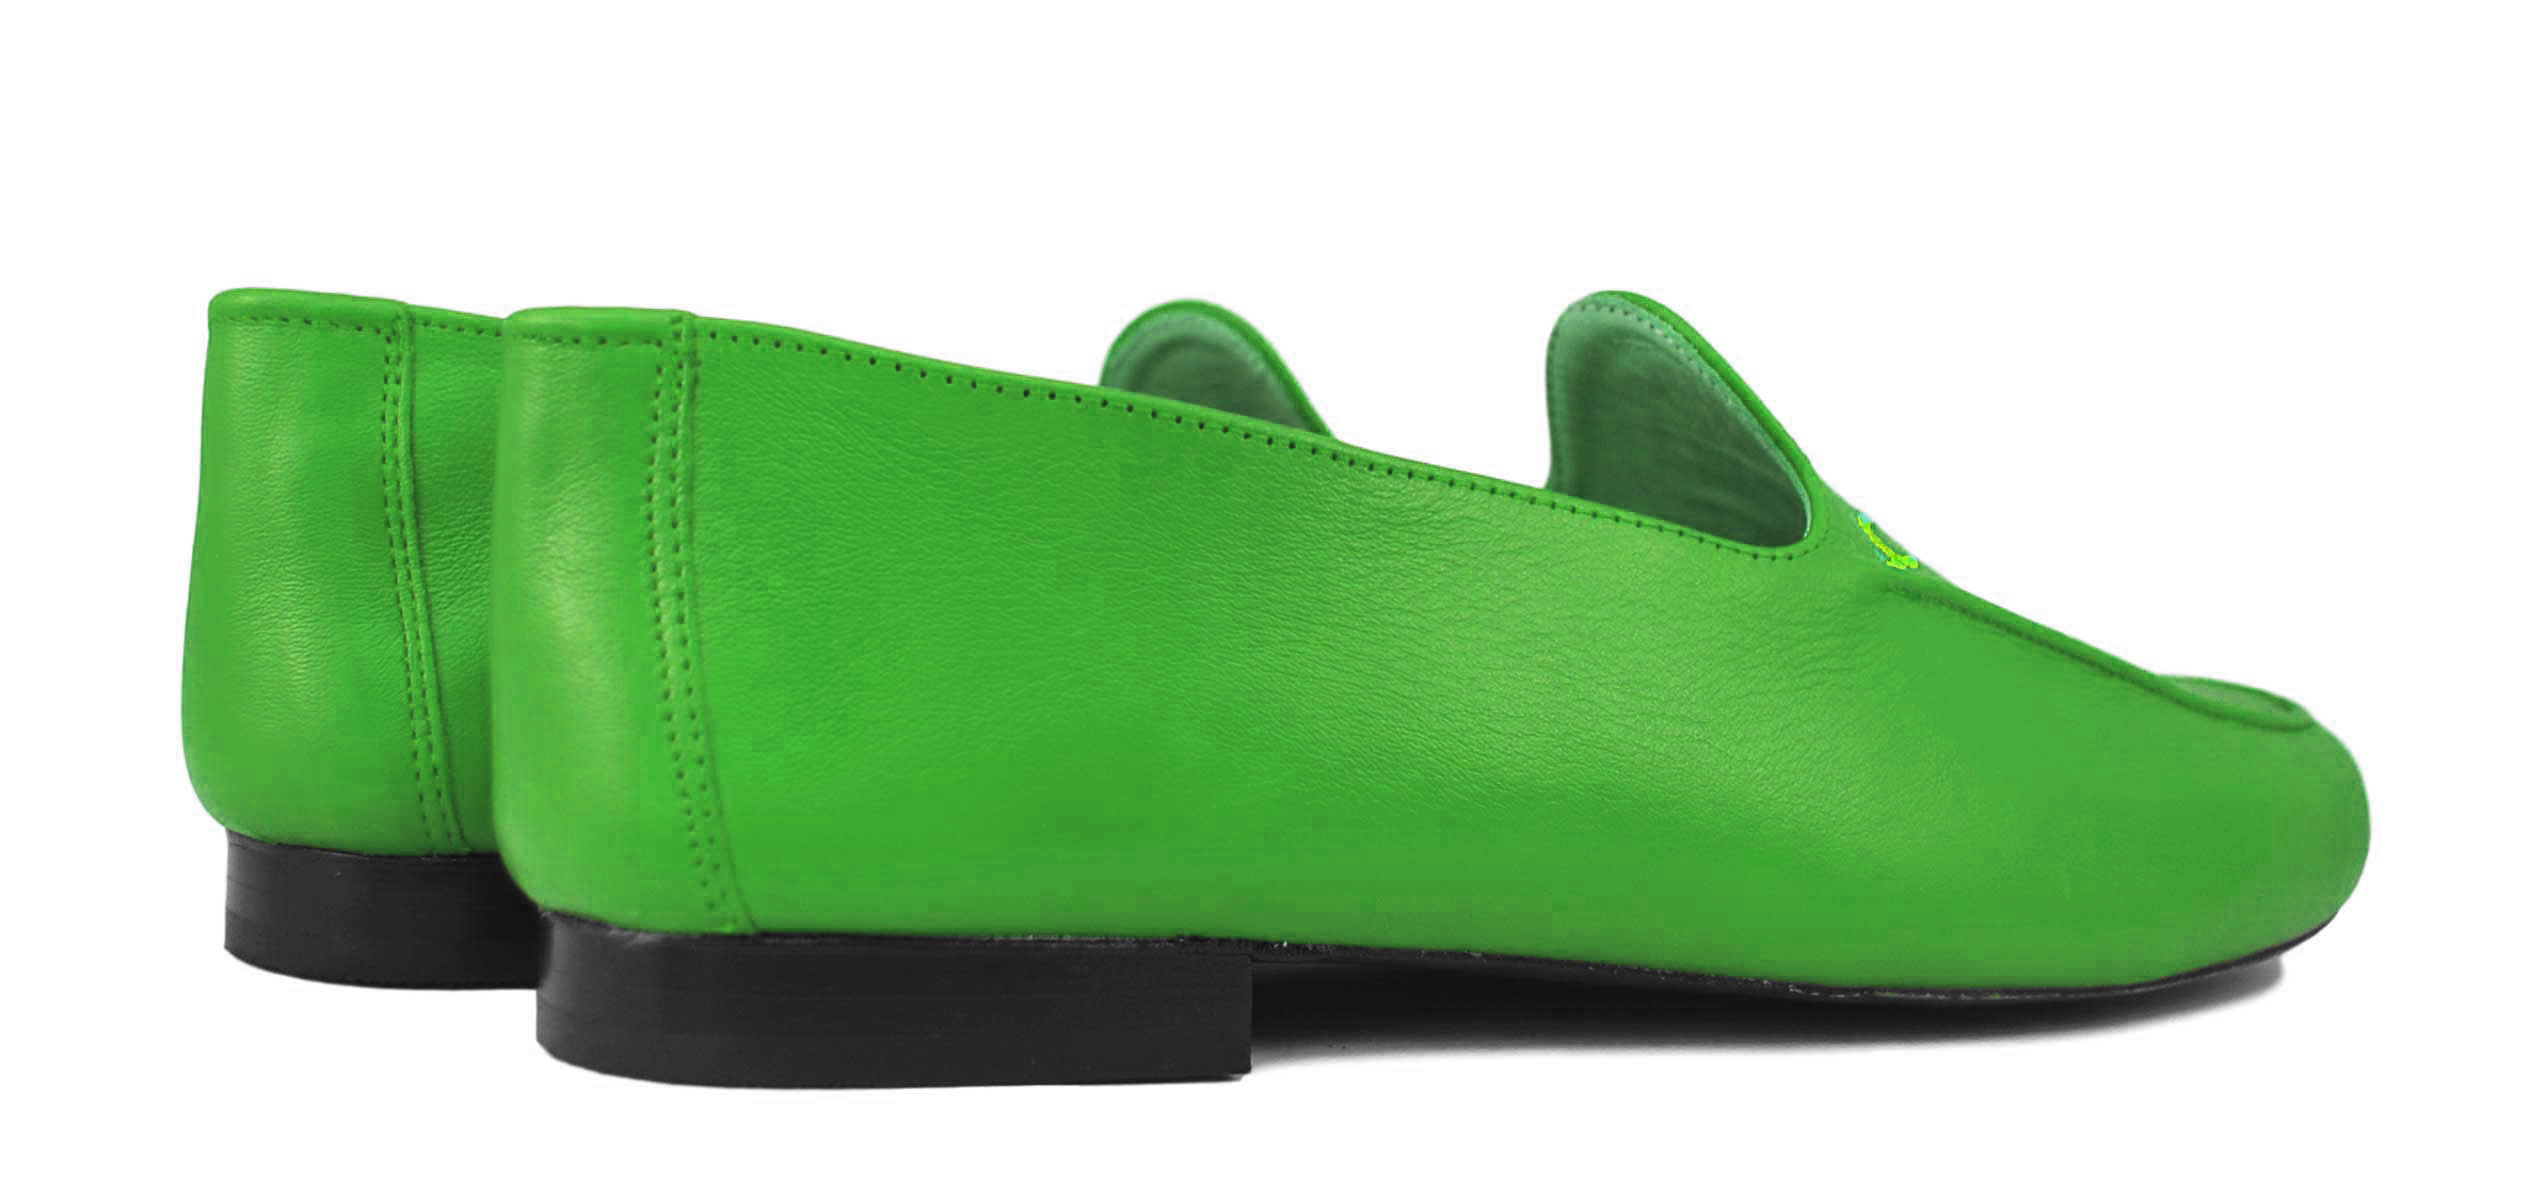 Foto 4 de Zapatos Julio Iglesias 528 JC Hierba Piel Napa